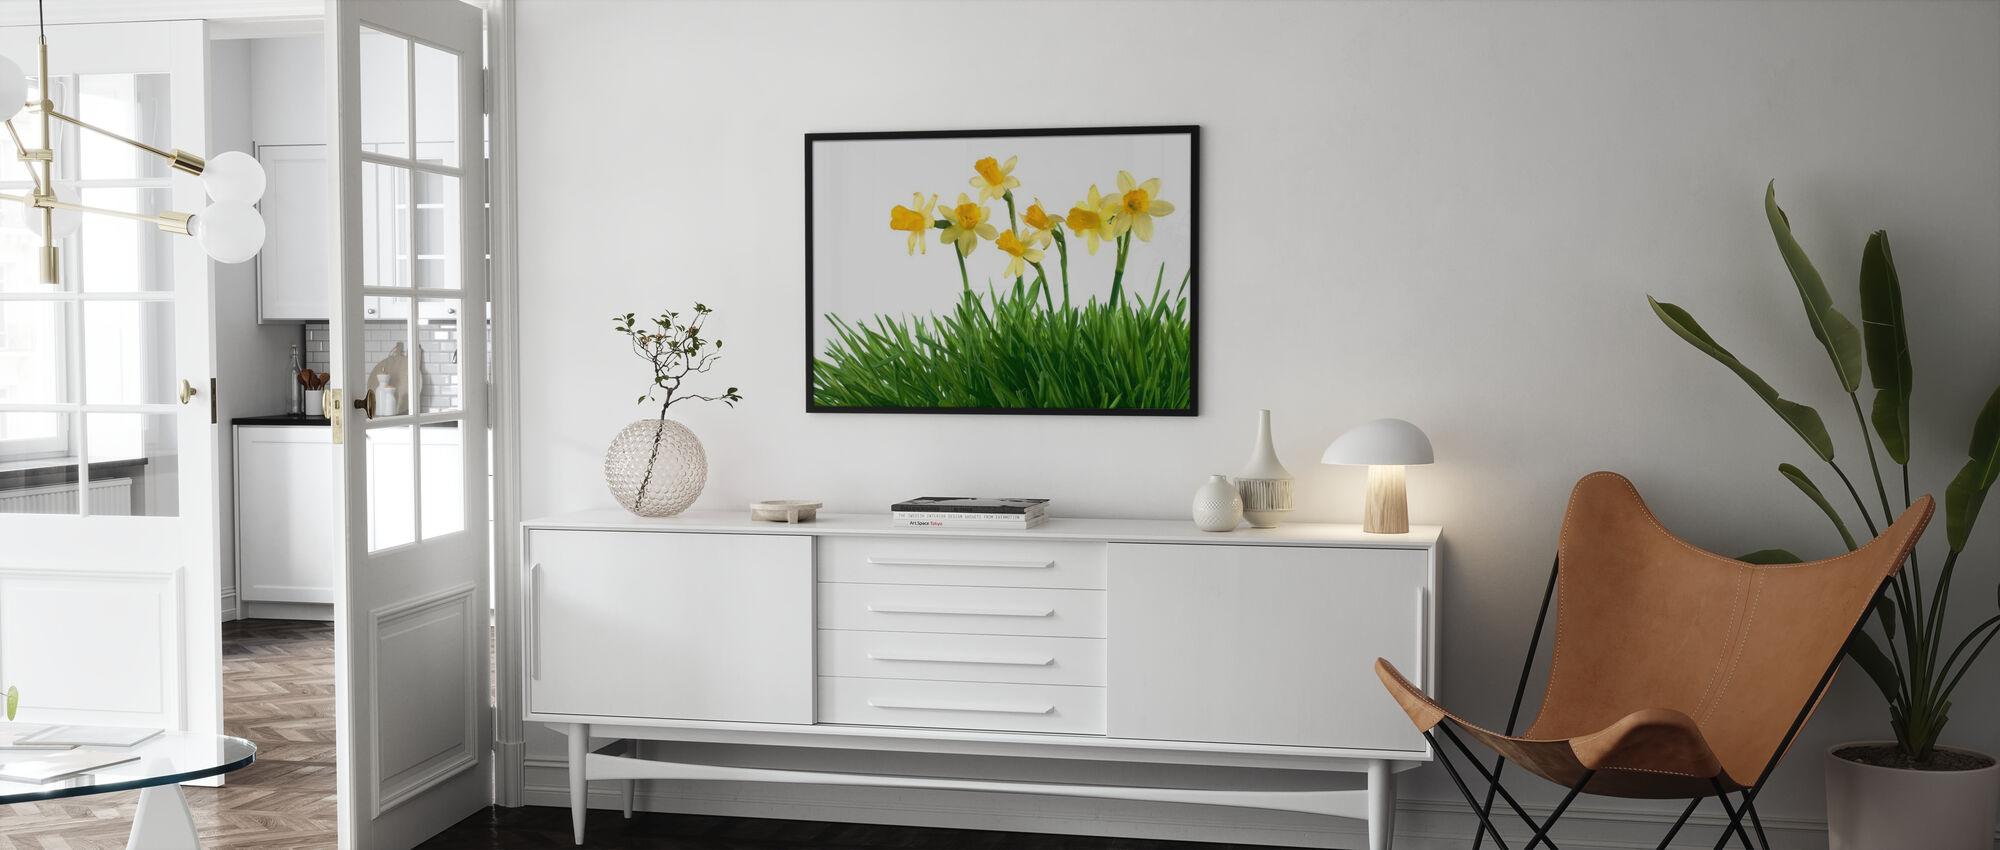 Påskeliljer i grønt gress - Plakat - Stue